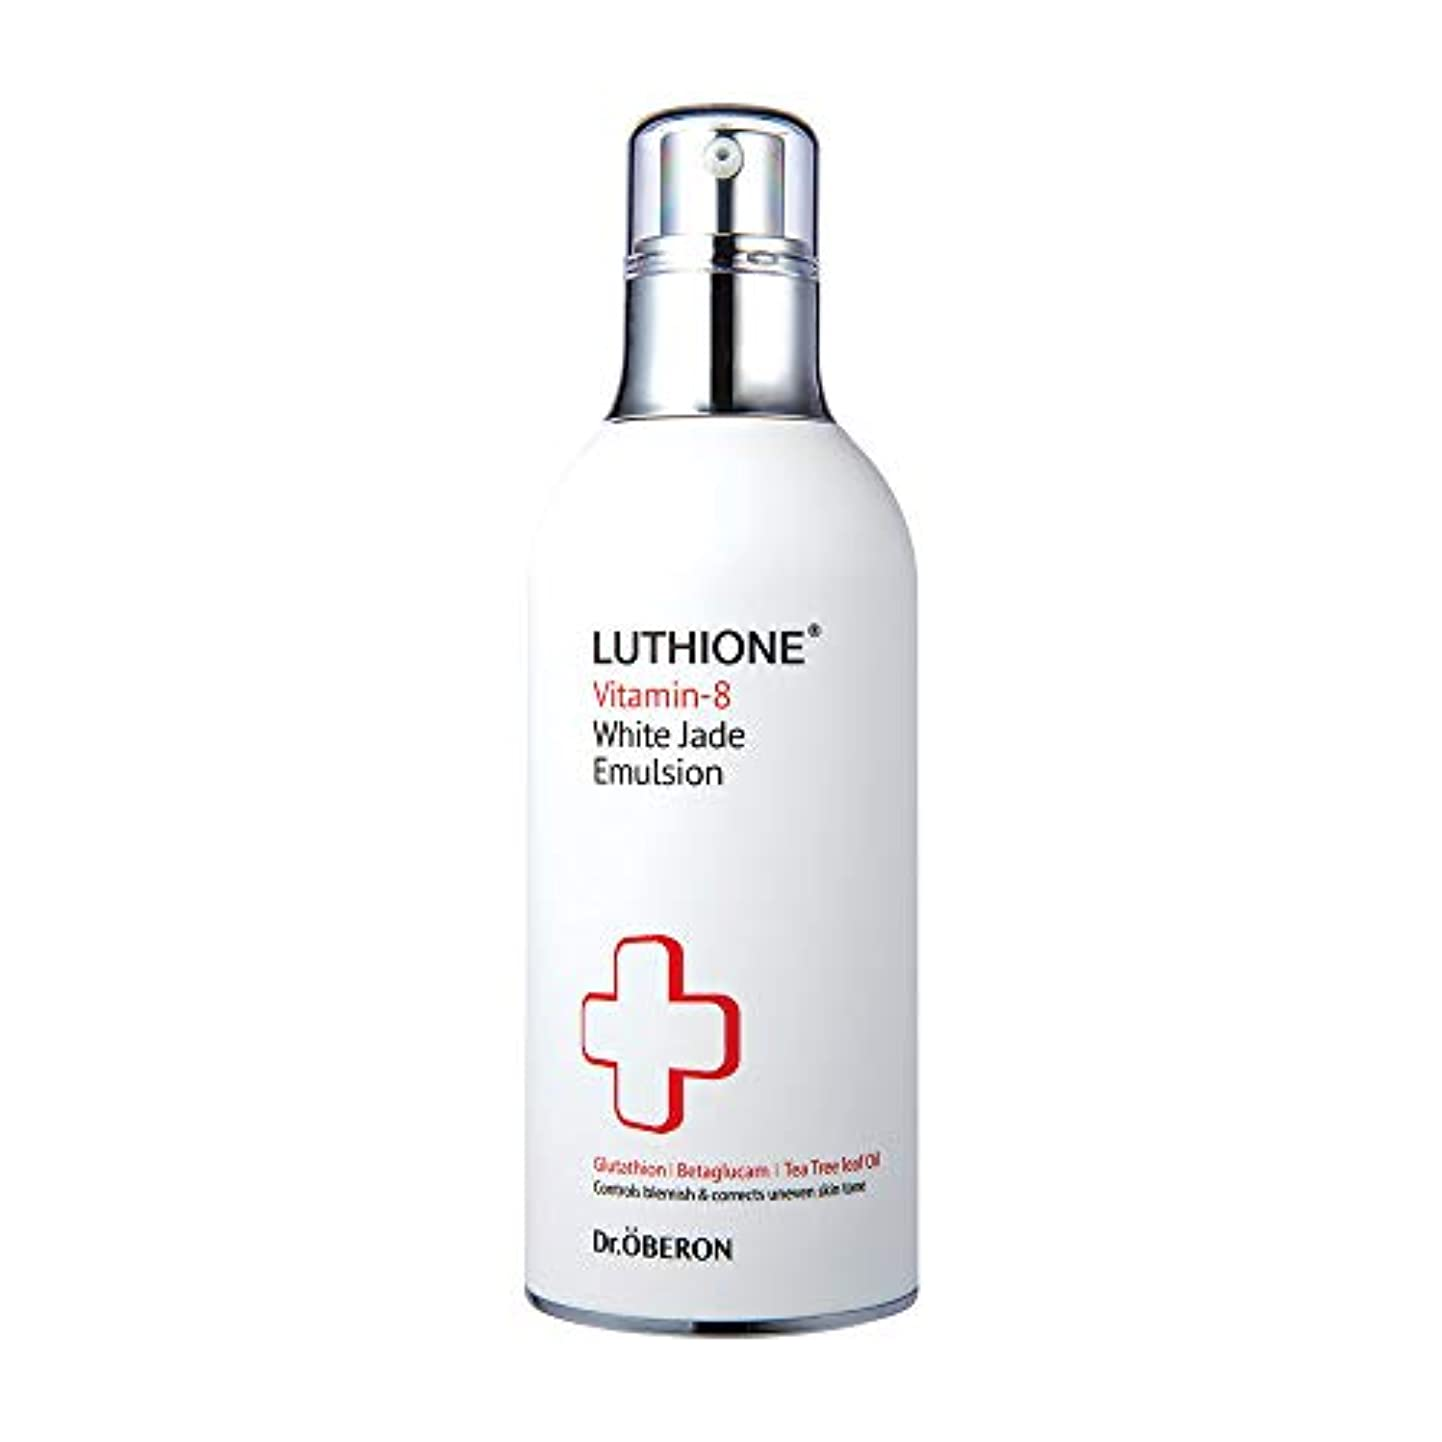 木製ルーム忙しい[Luthione] ルチオン ビタミン-8 白玉 エマルジョン 3.5 oz Vitamin-8 White Jade Emulsion 3.5 oz - Hydrating Moisturizer Lightening...